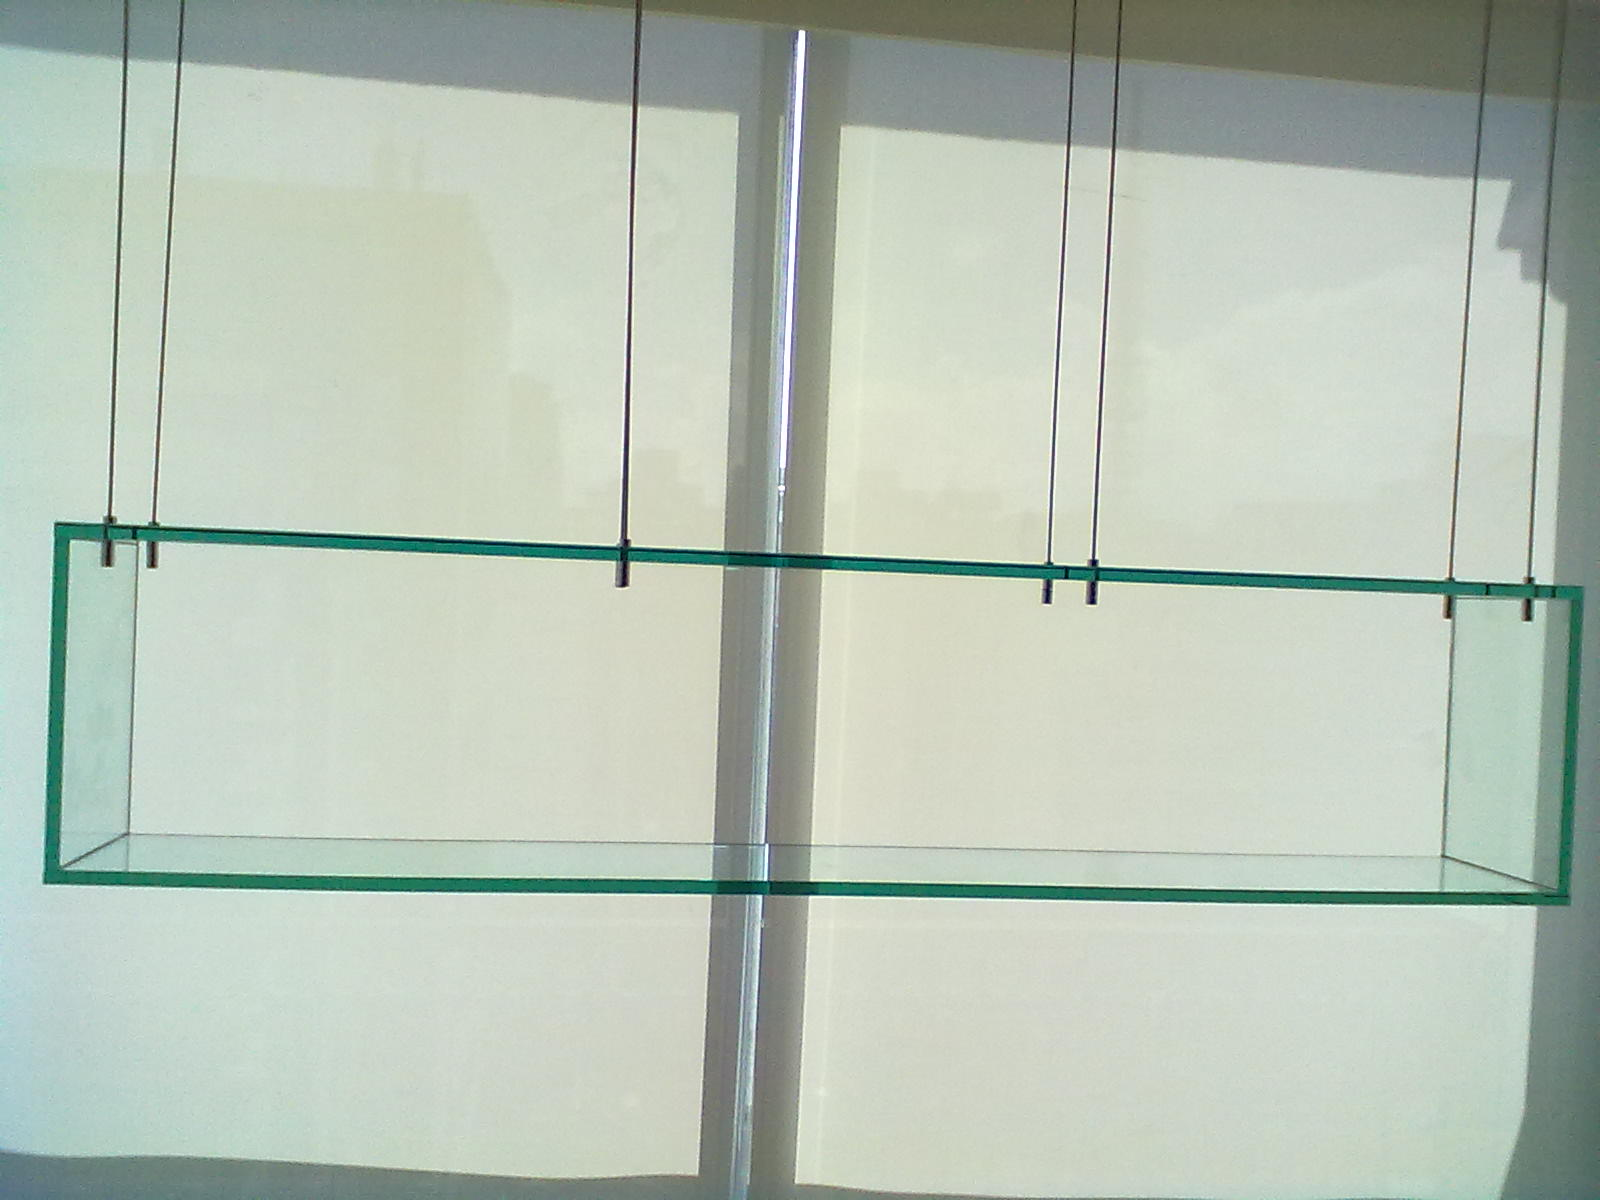 foto de prateleira de vidro suspenso